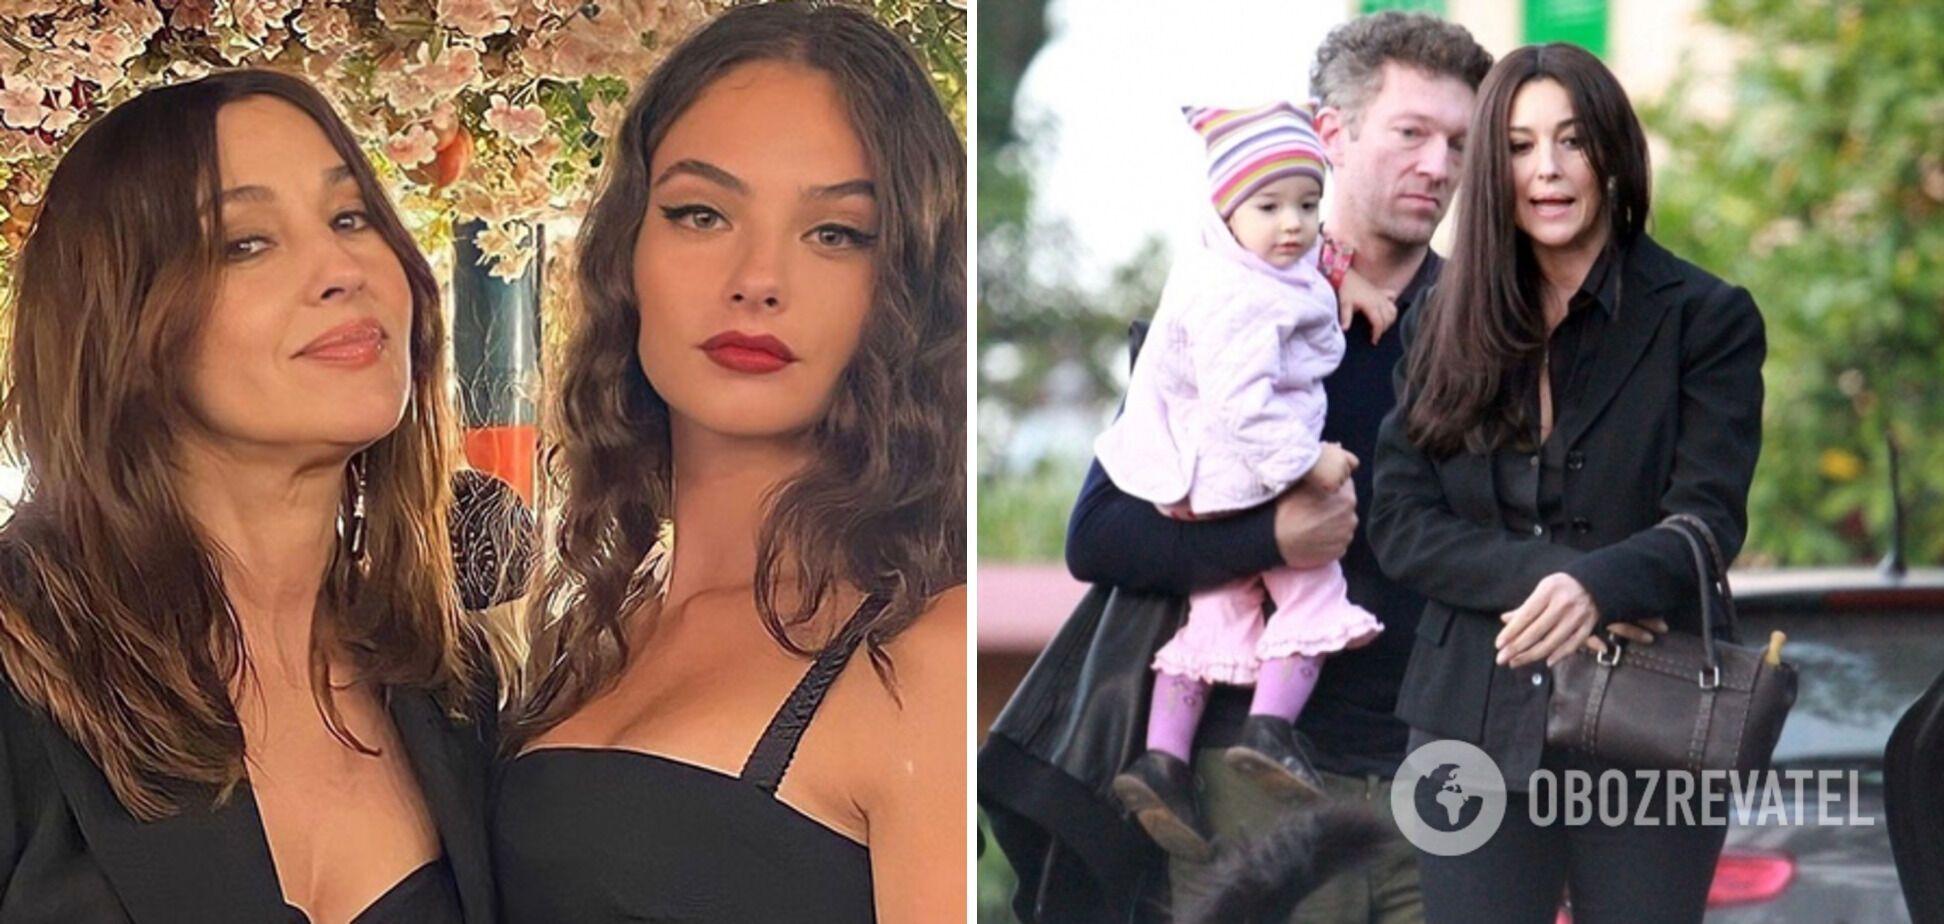 Моніка Белуччі вдруге стала мамою у 45 років.